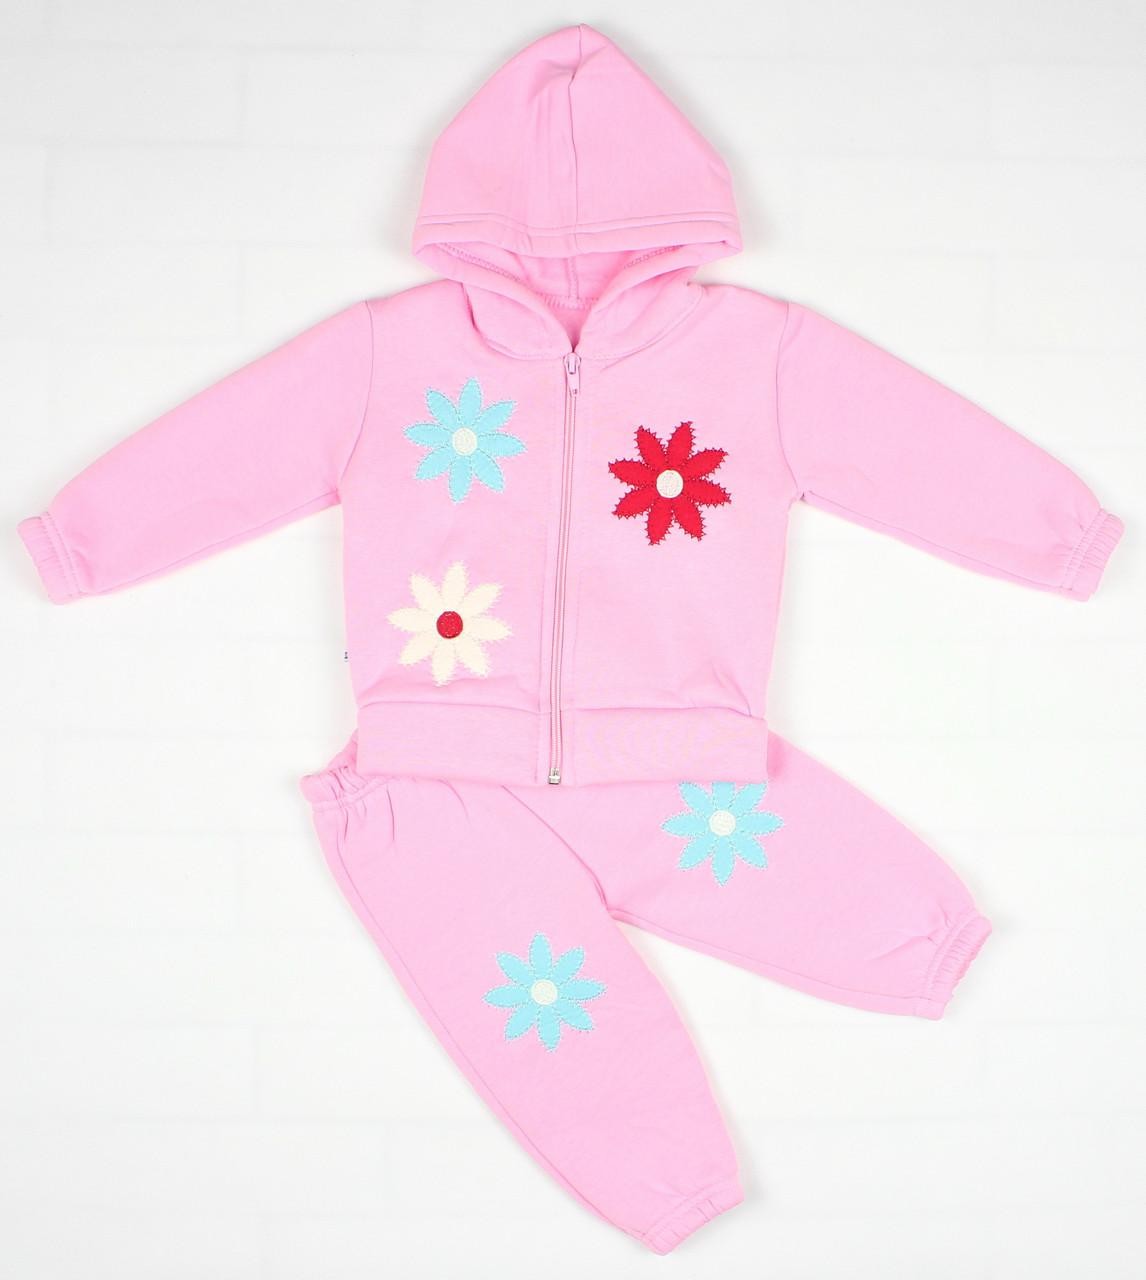 Утепленный костюм 2-ка розовым цветом для девочки